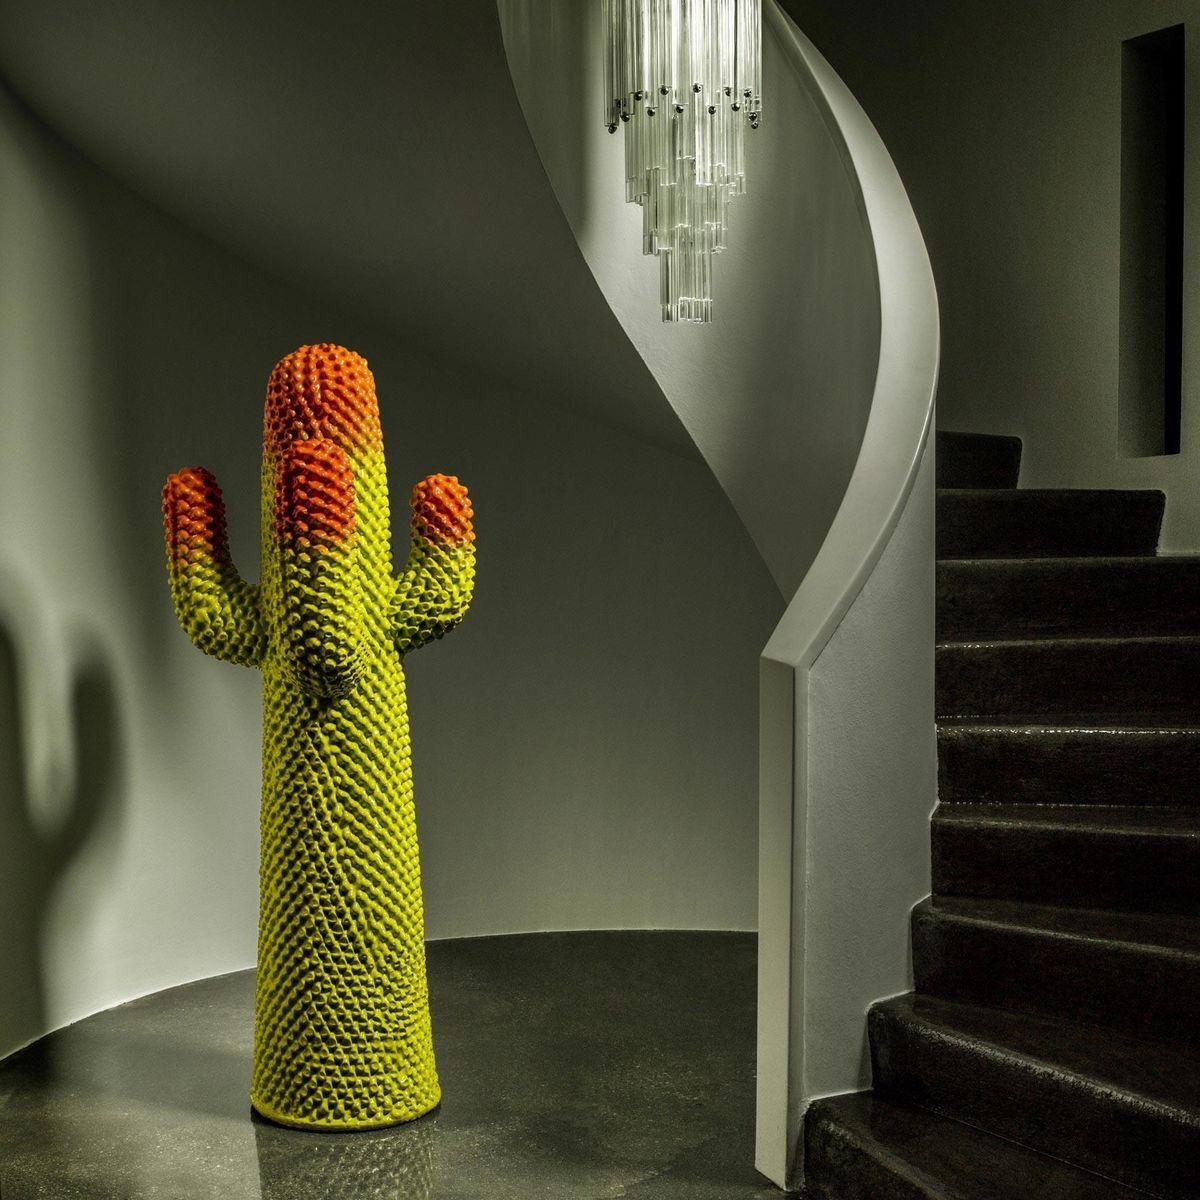 Gufram cactus porte manteaux gufram guido drocco - Cactus porte manteau ...